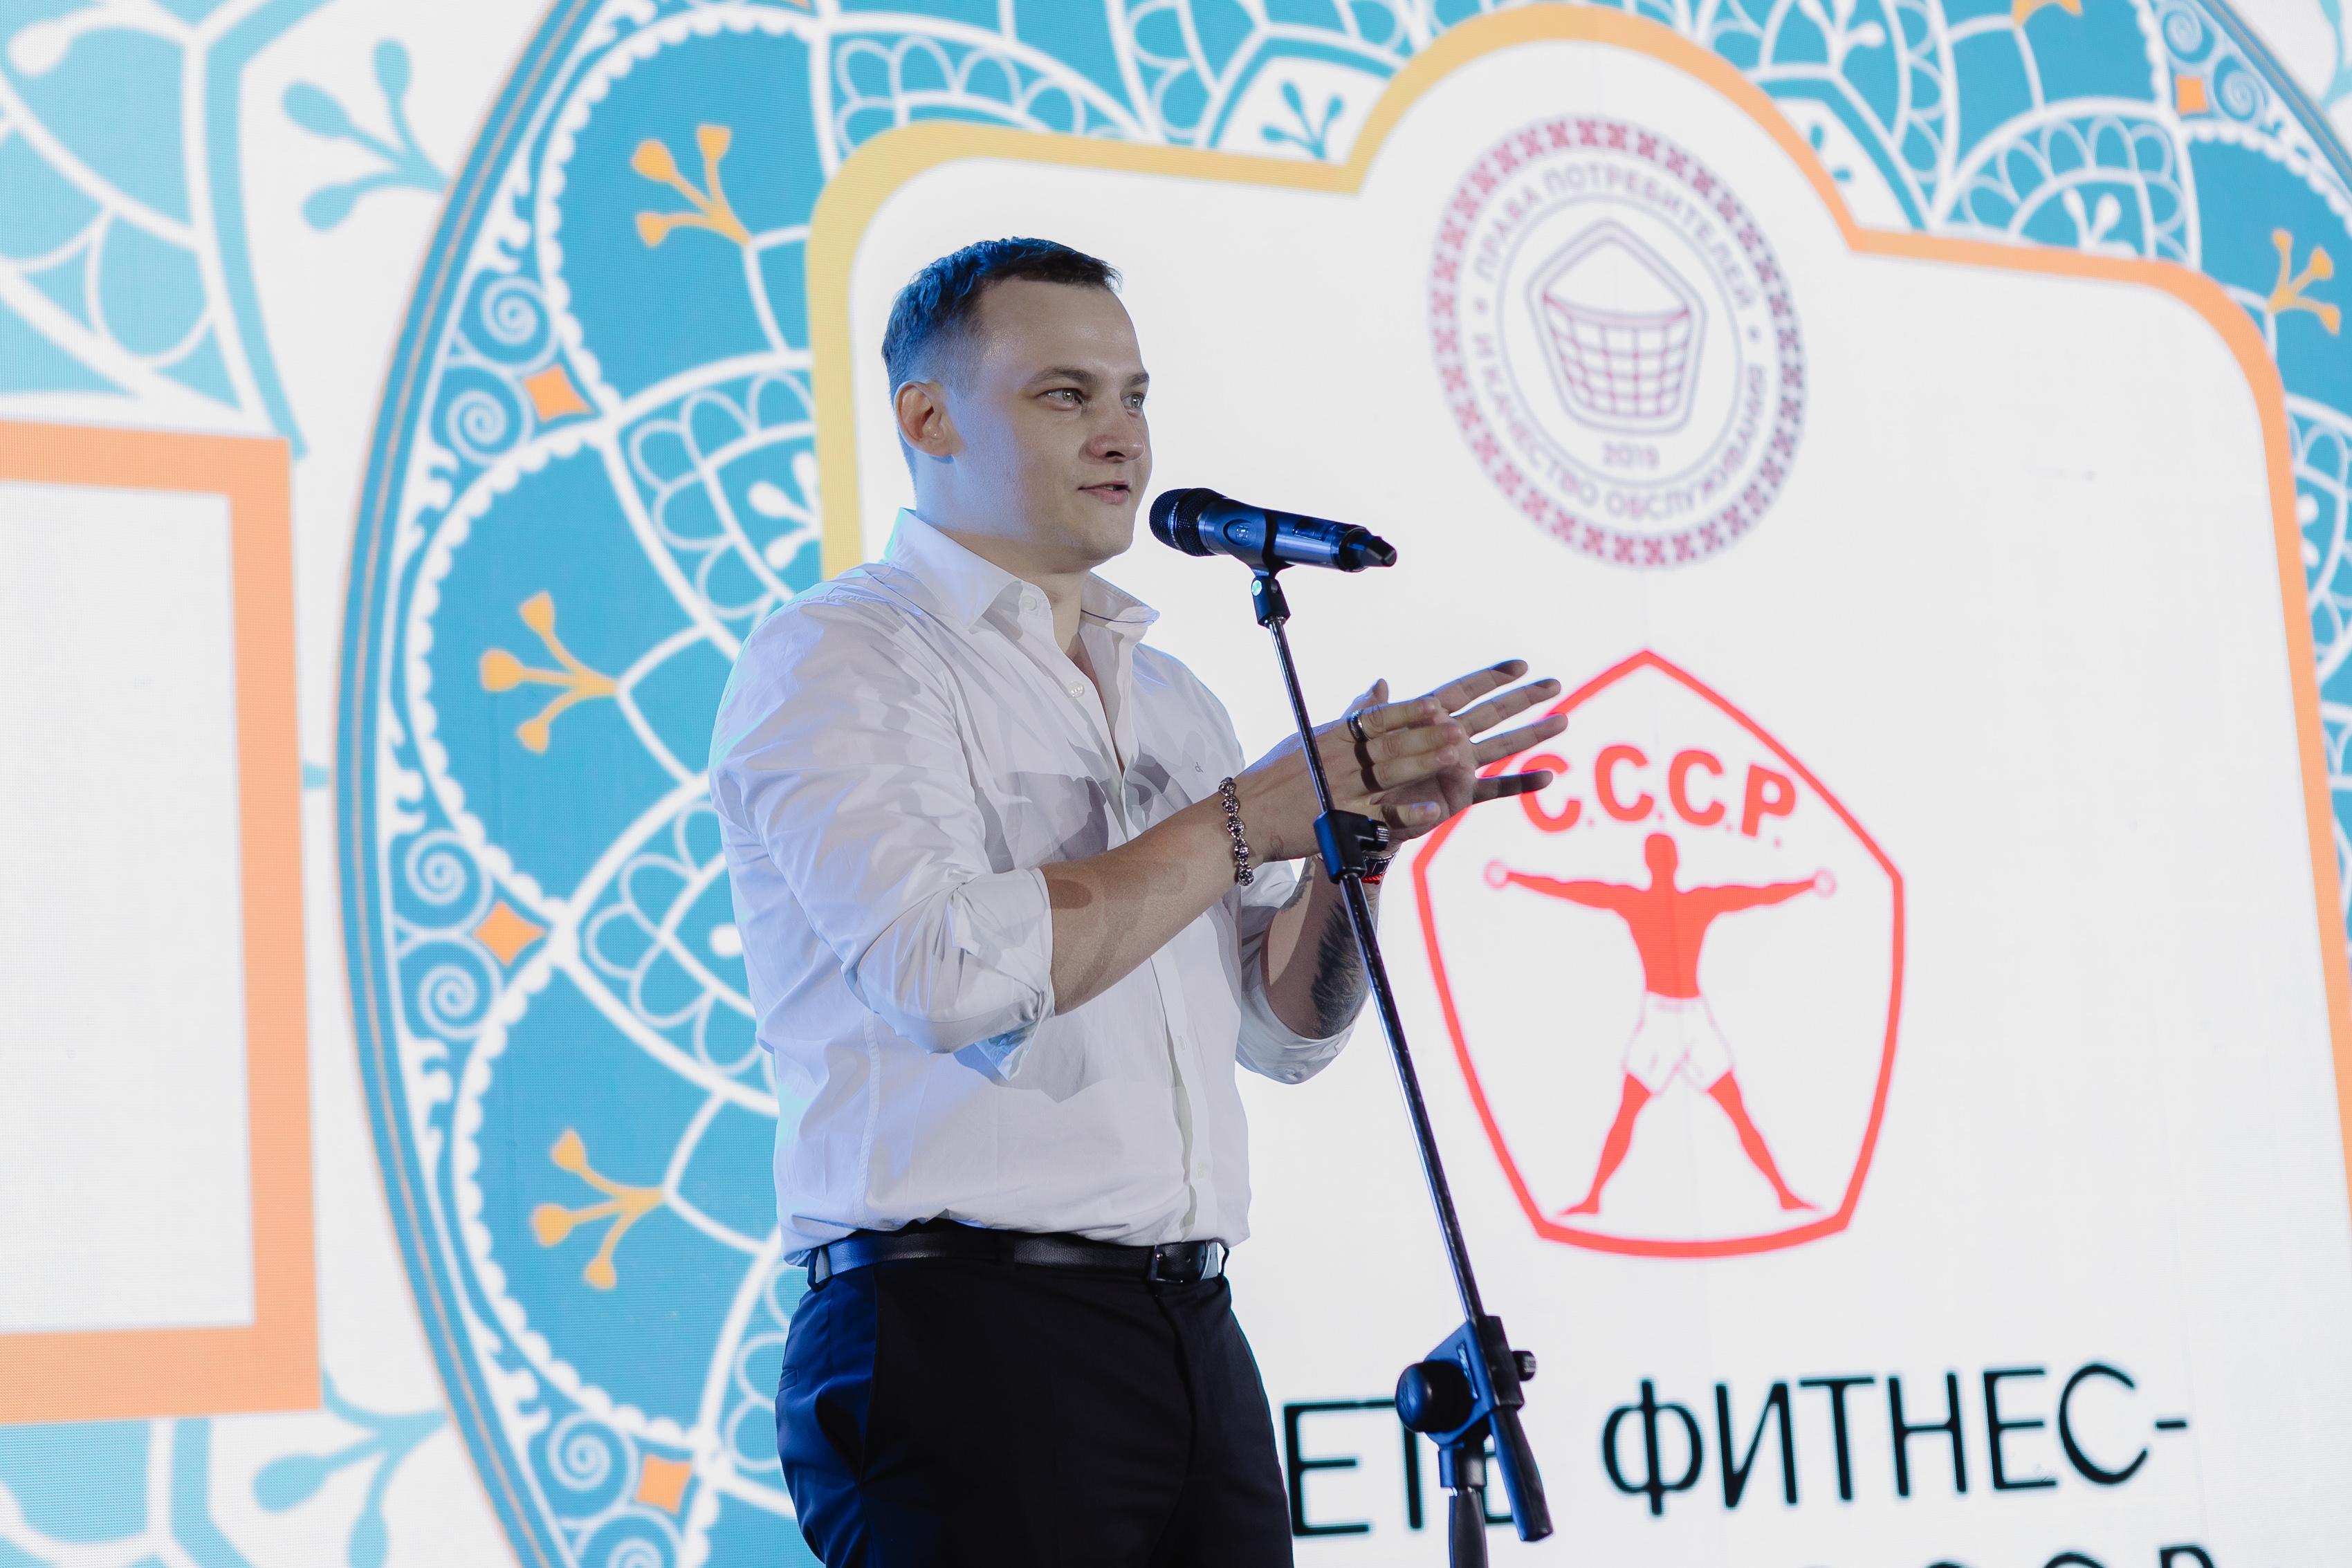 Илья Нурман, сеть фитнес-клубов С.С.С.Р.